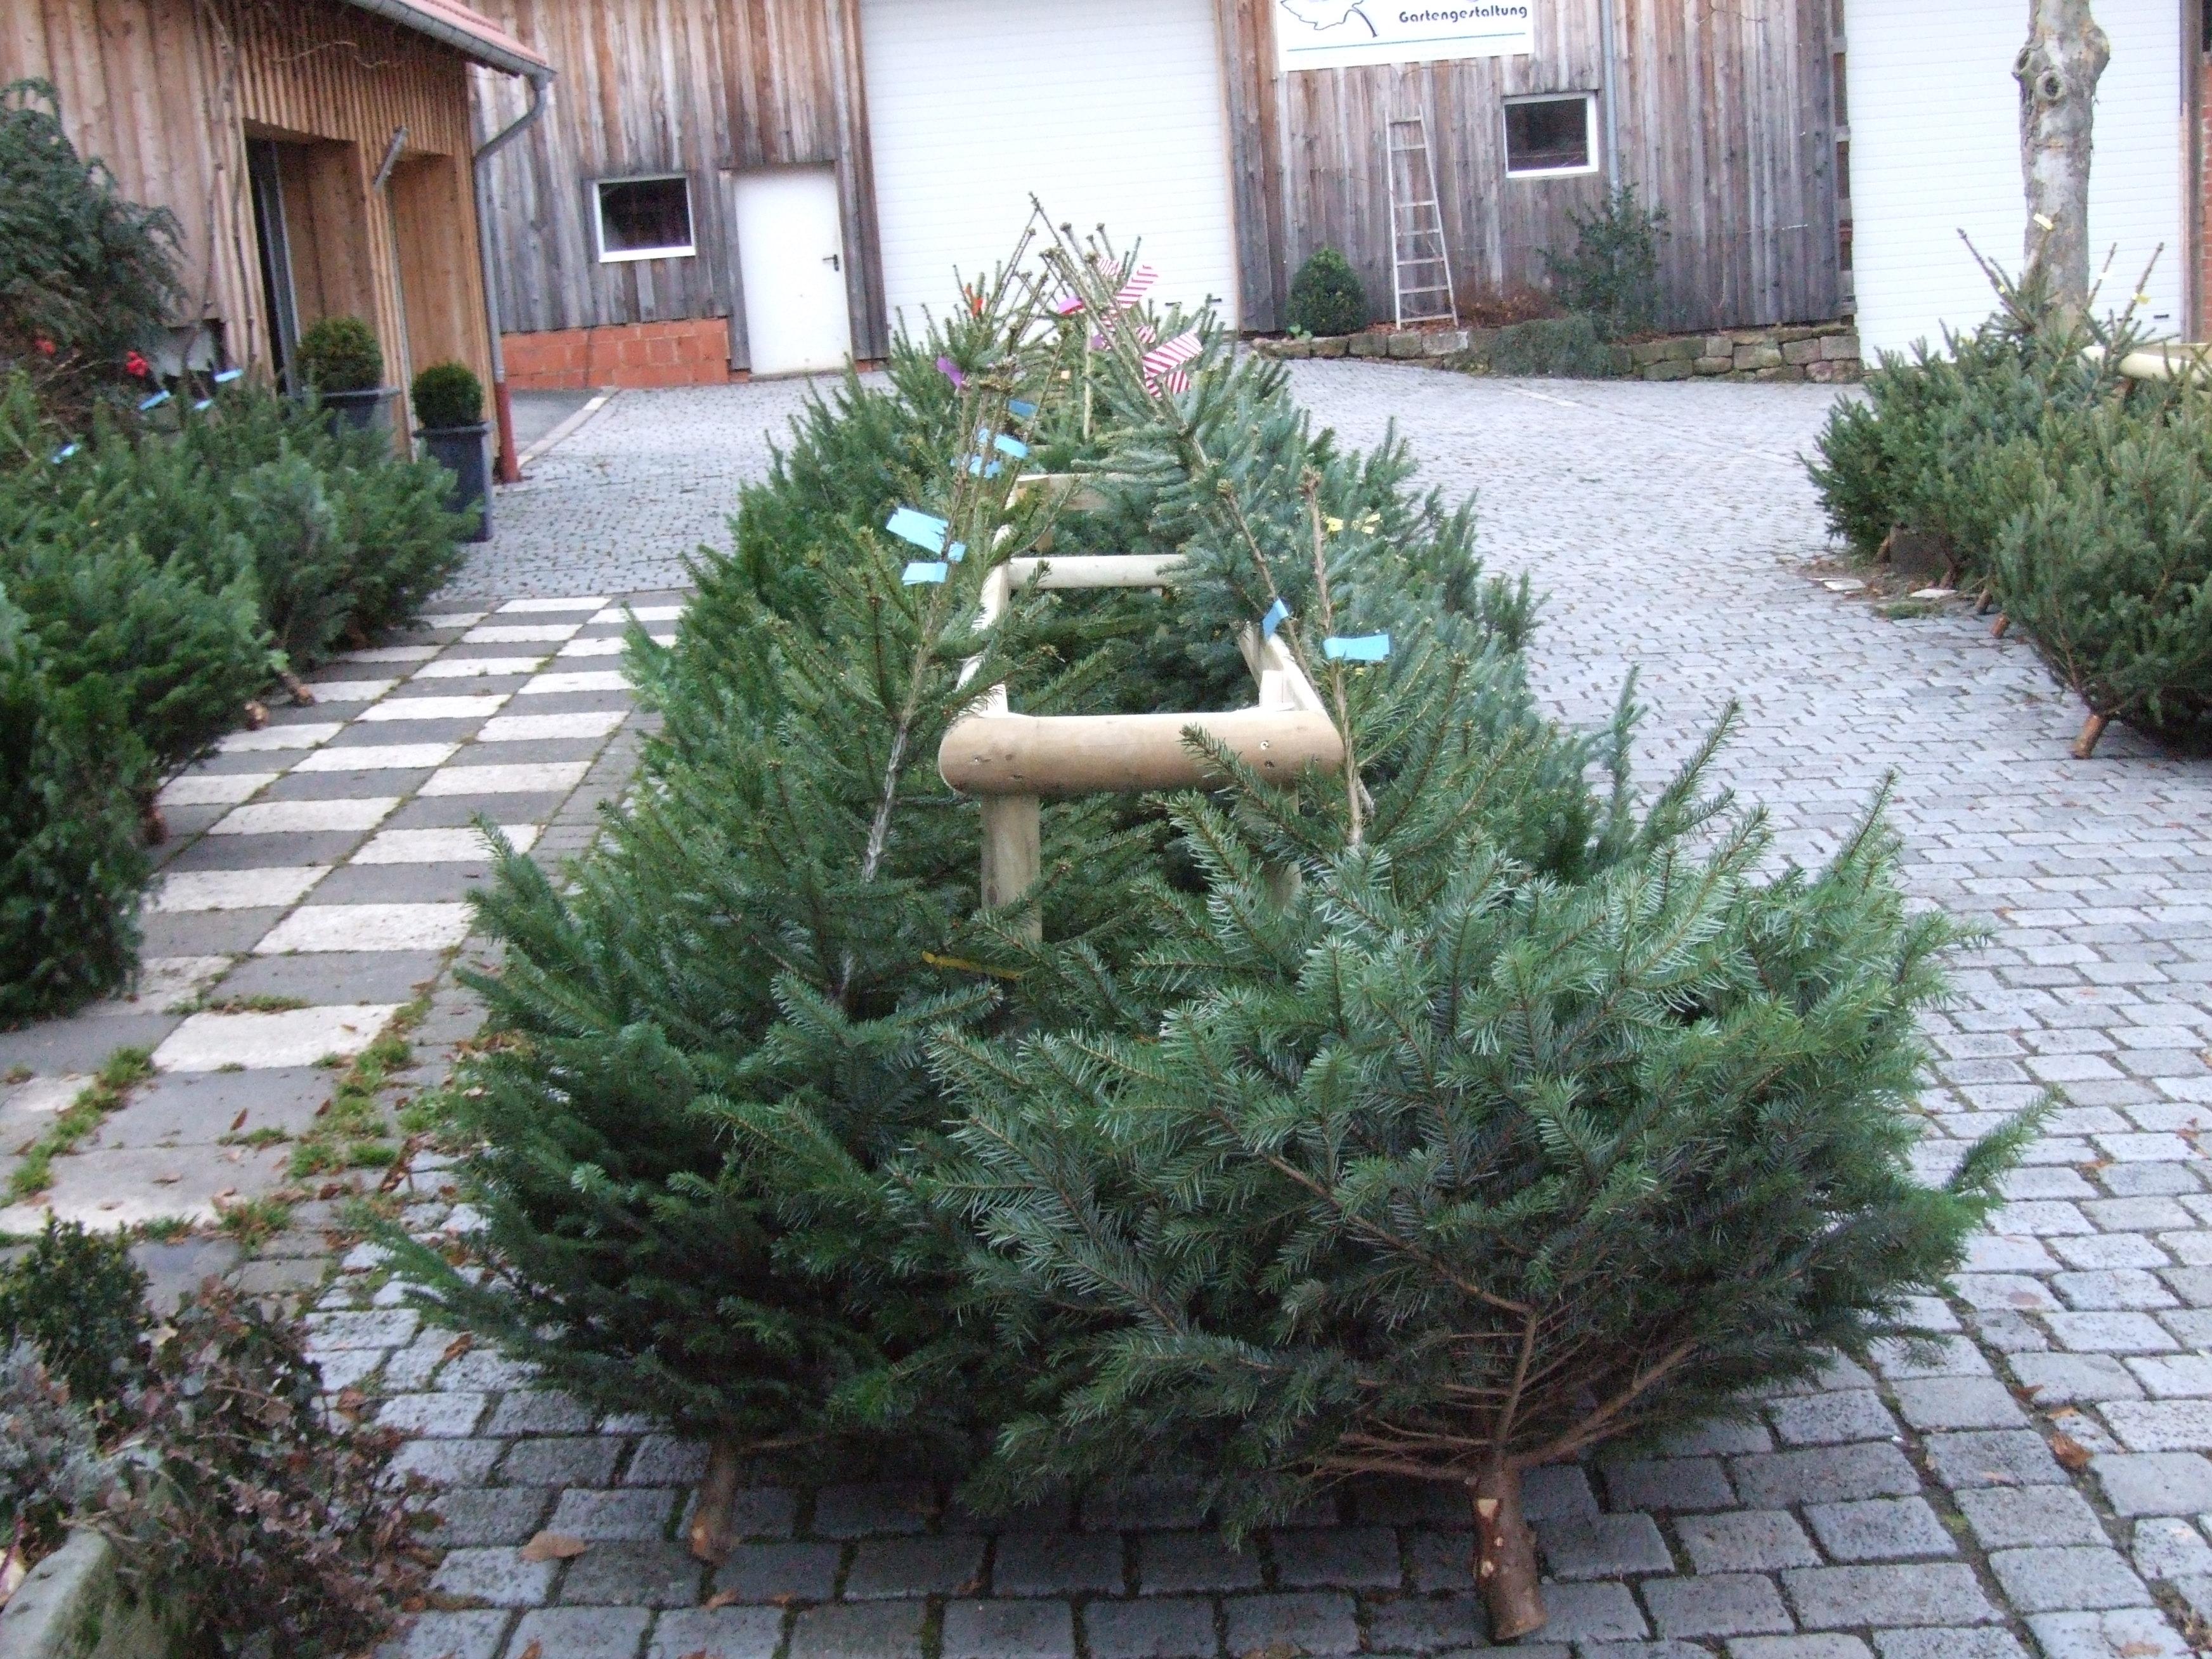 Weihnachtsbaumverkauf 2016 gartengestaltung engel for Gartengestaltung 2016